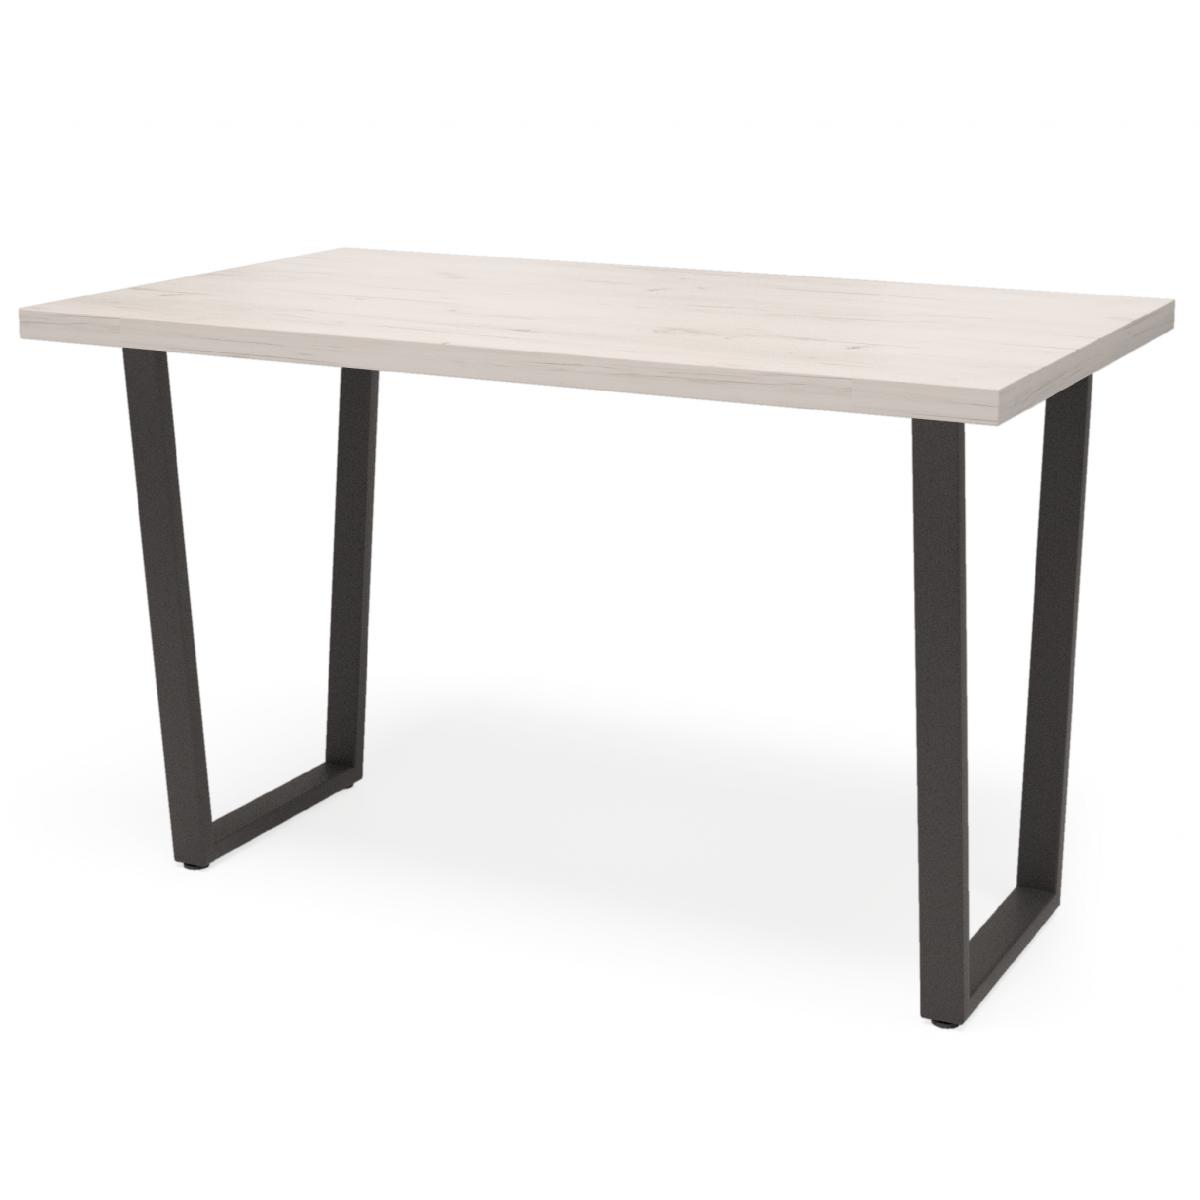 Купить стол Loft U в стиле лофт в Raroom